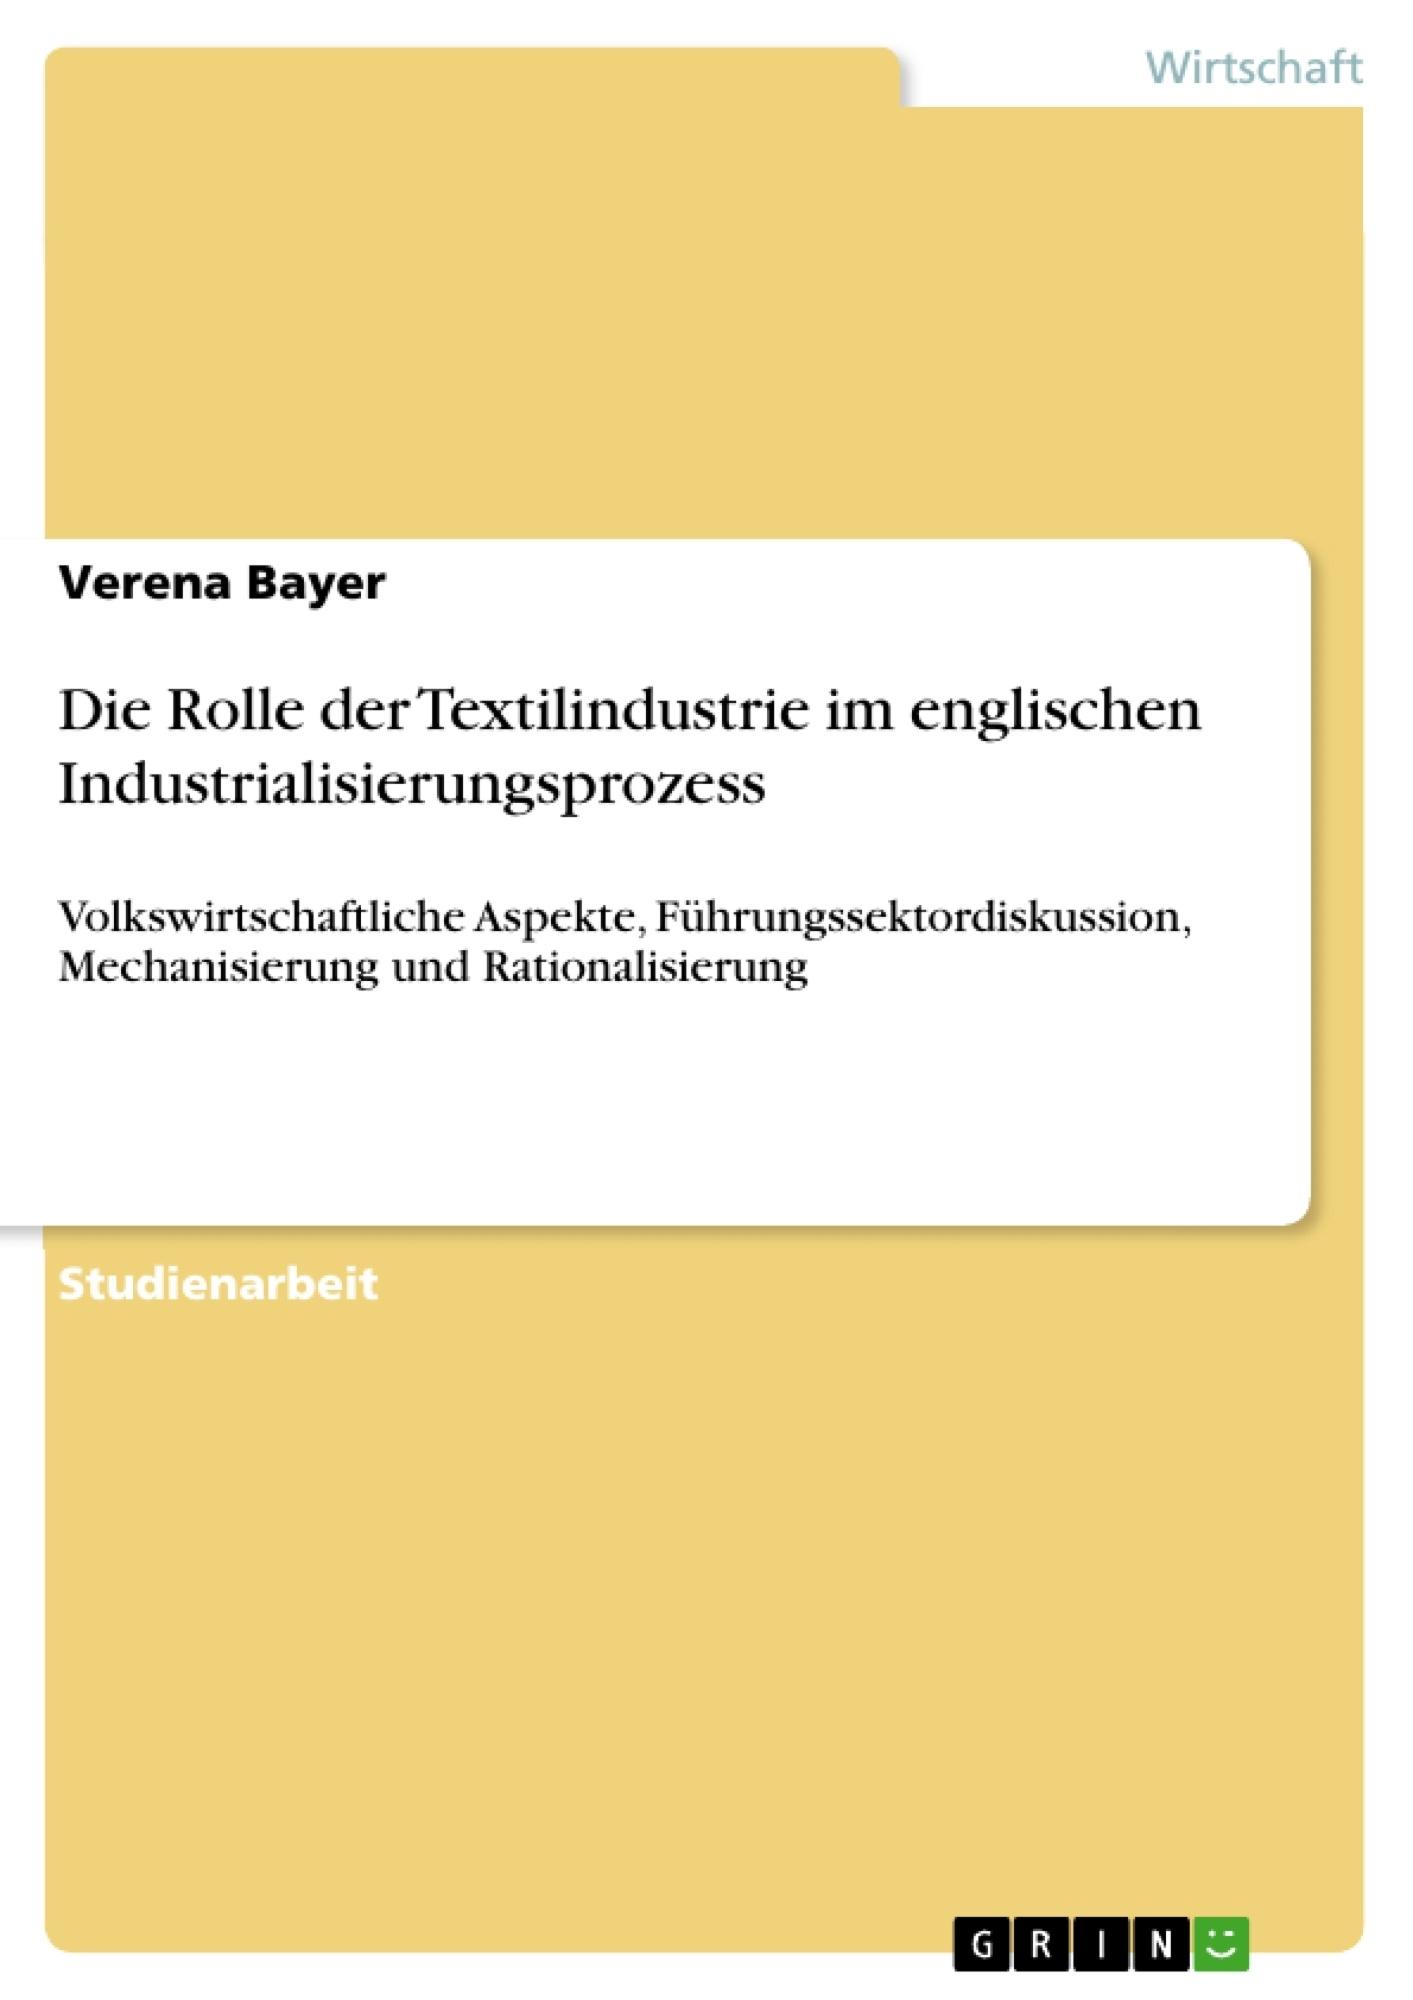 Titel: Die Rolle der Textilindustrie im englischen Industrialisierungsprozess